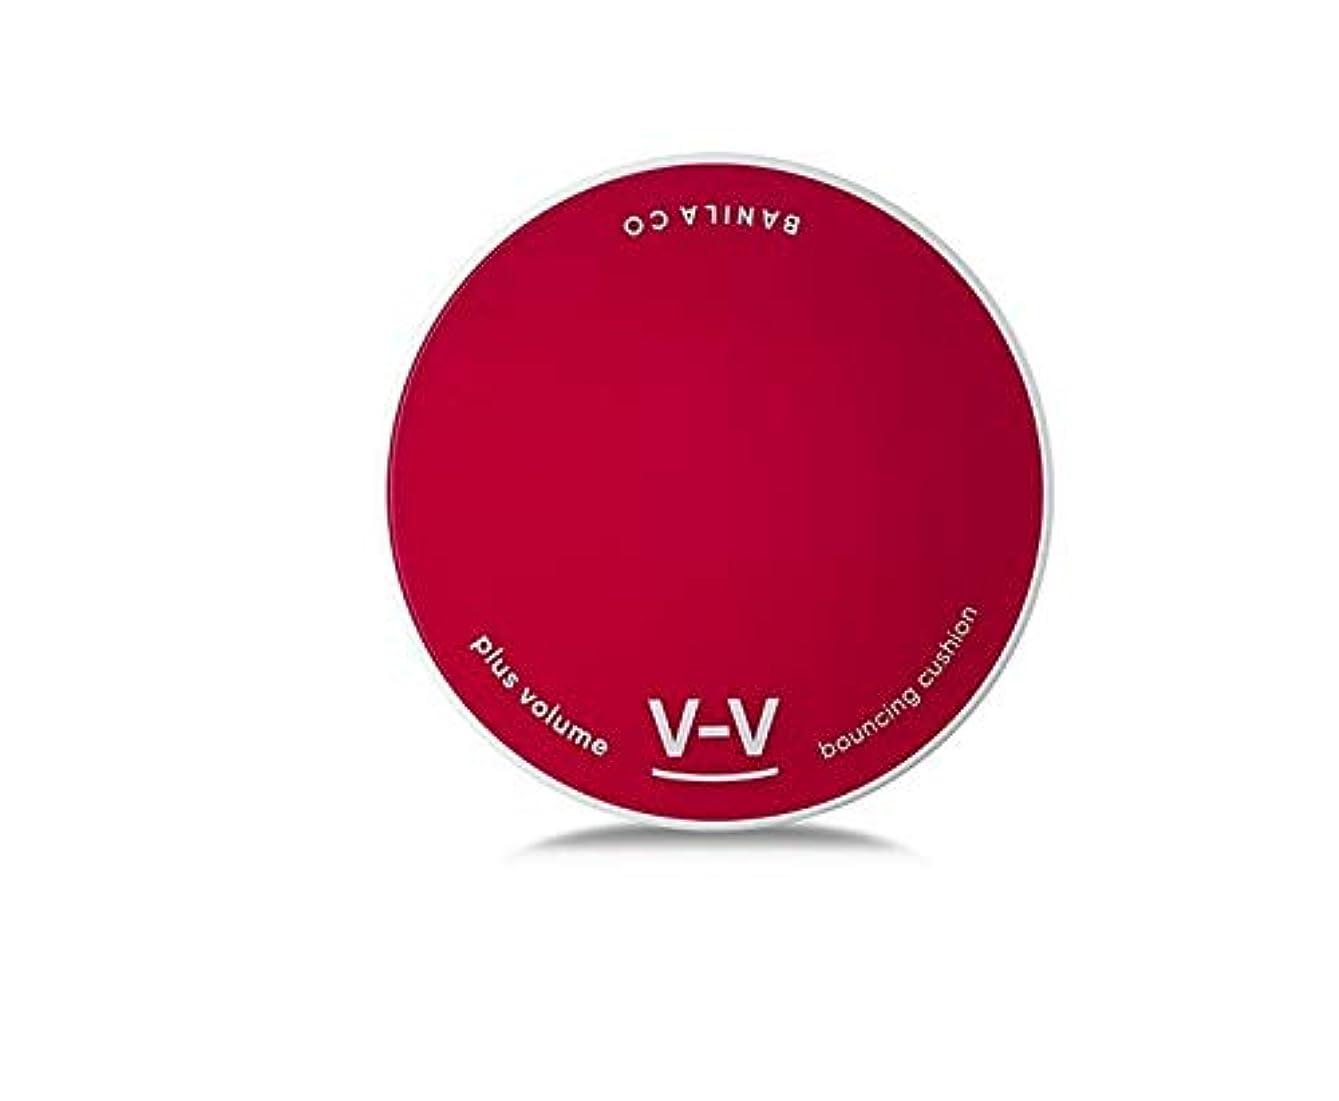 決定的哀日光banilaco V-Vバウンシングクッション+詰め替え/V-V Bouncing Cushion + Refill 15g * 2# BE10 [並行輸入品]